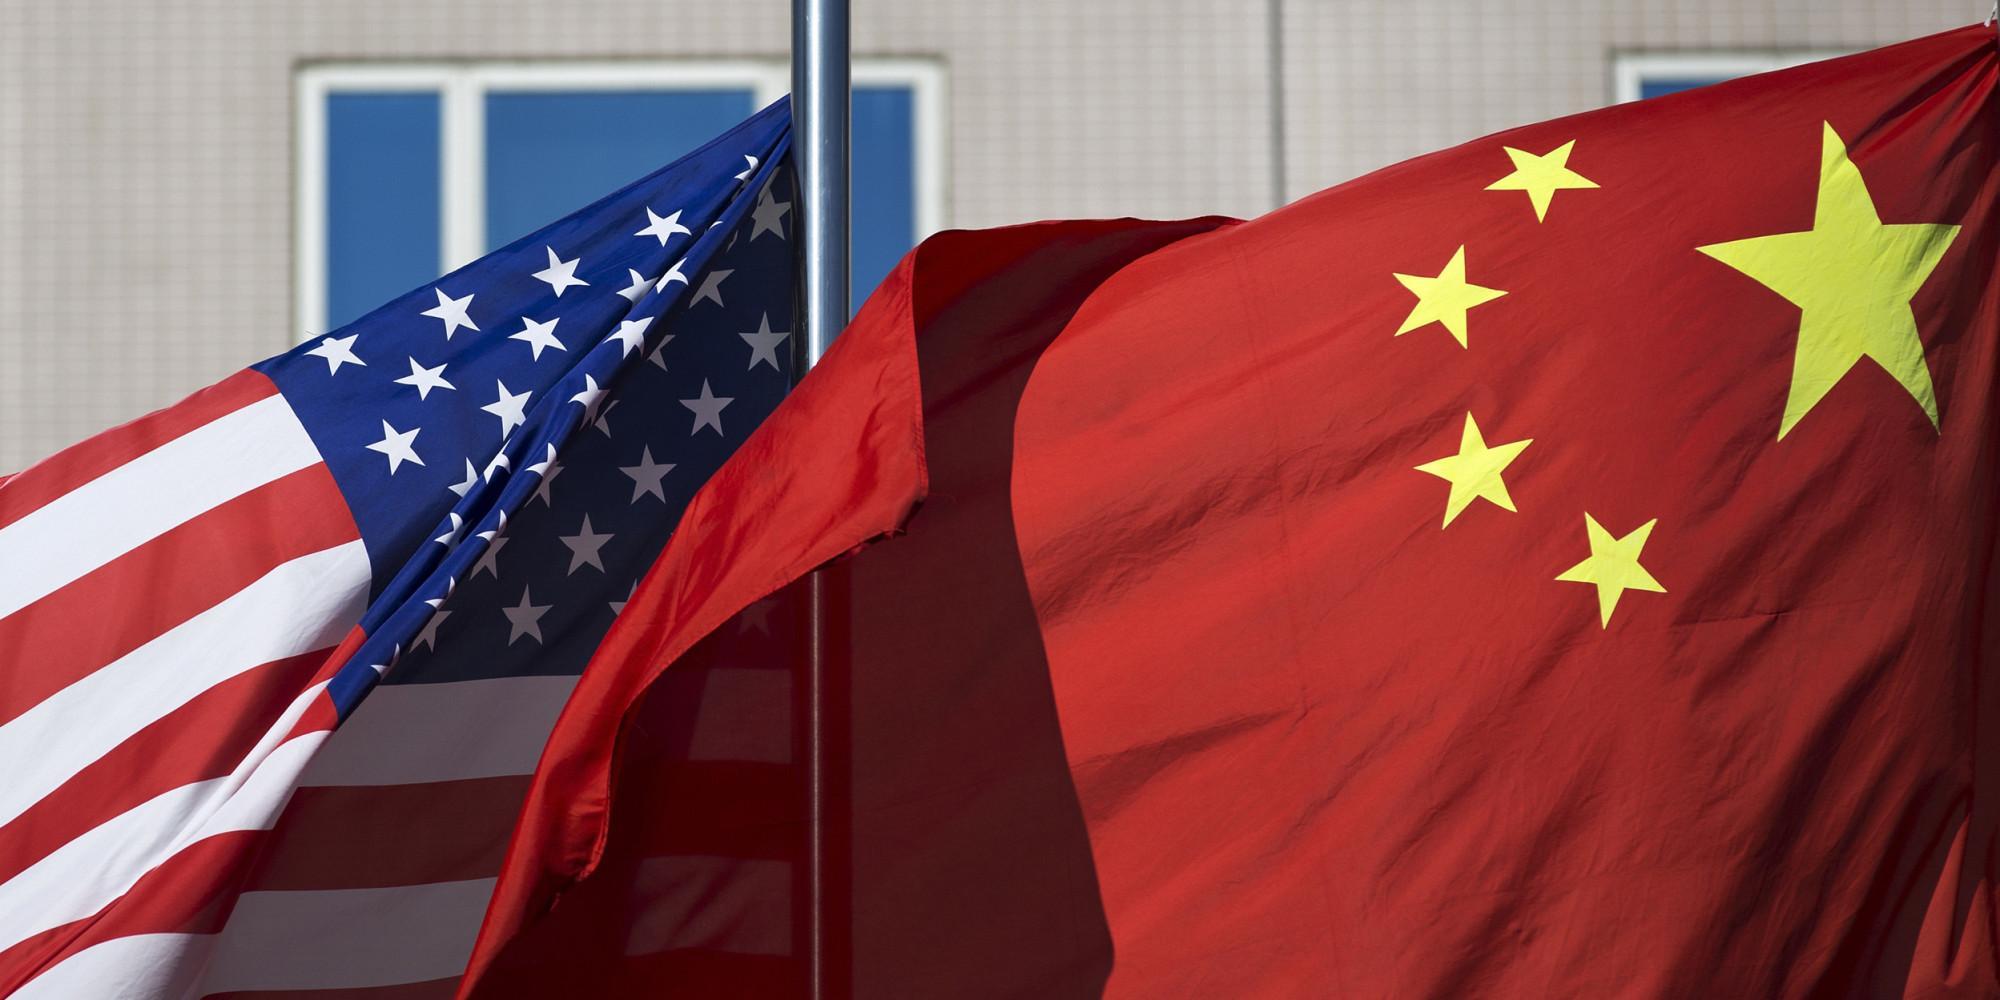 КНР пригрозил США разрывом всех торговых договоров